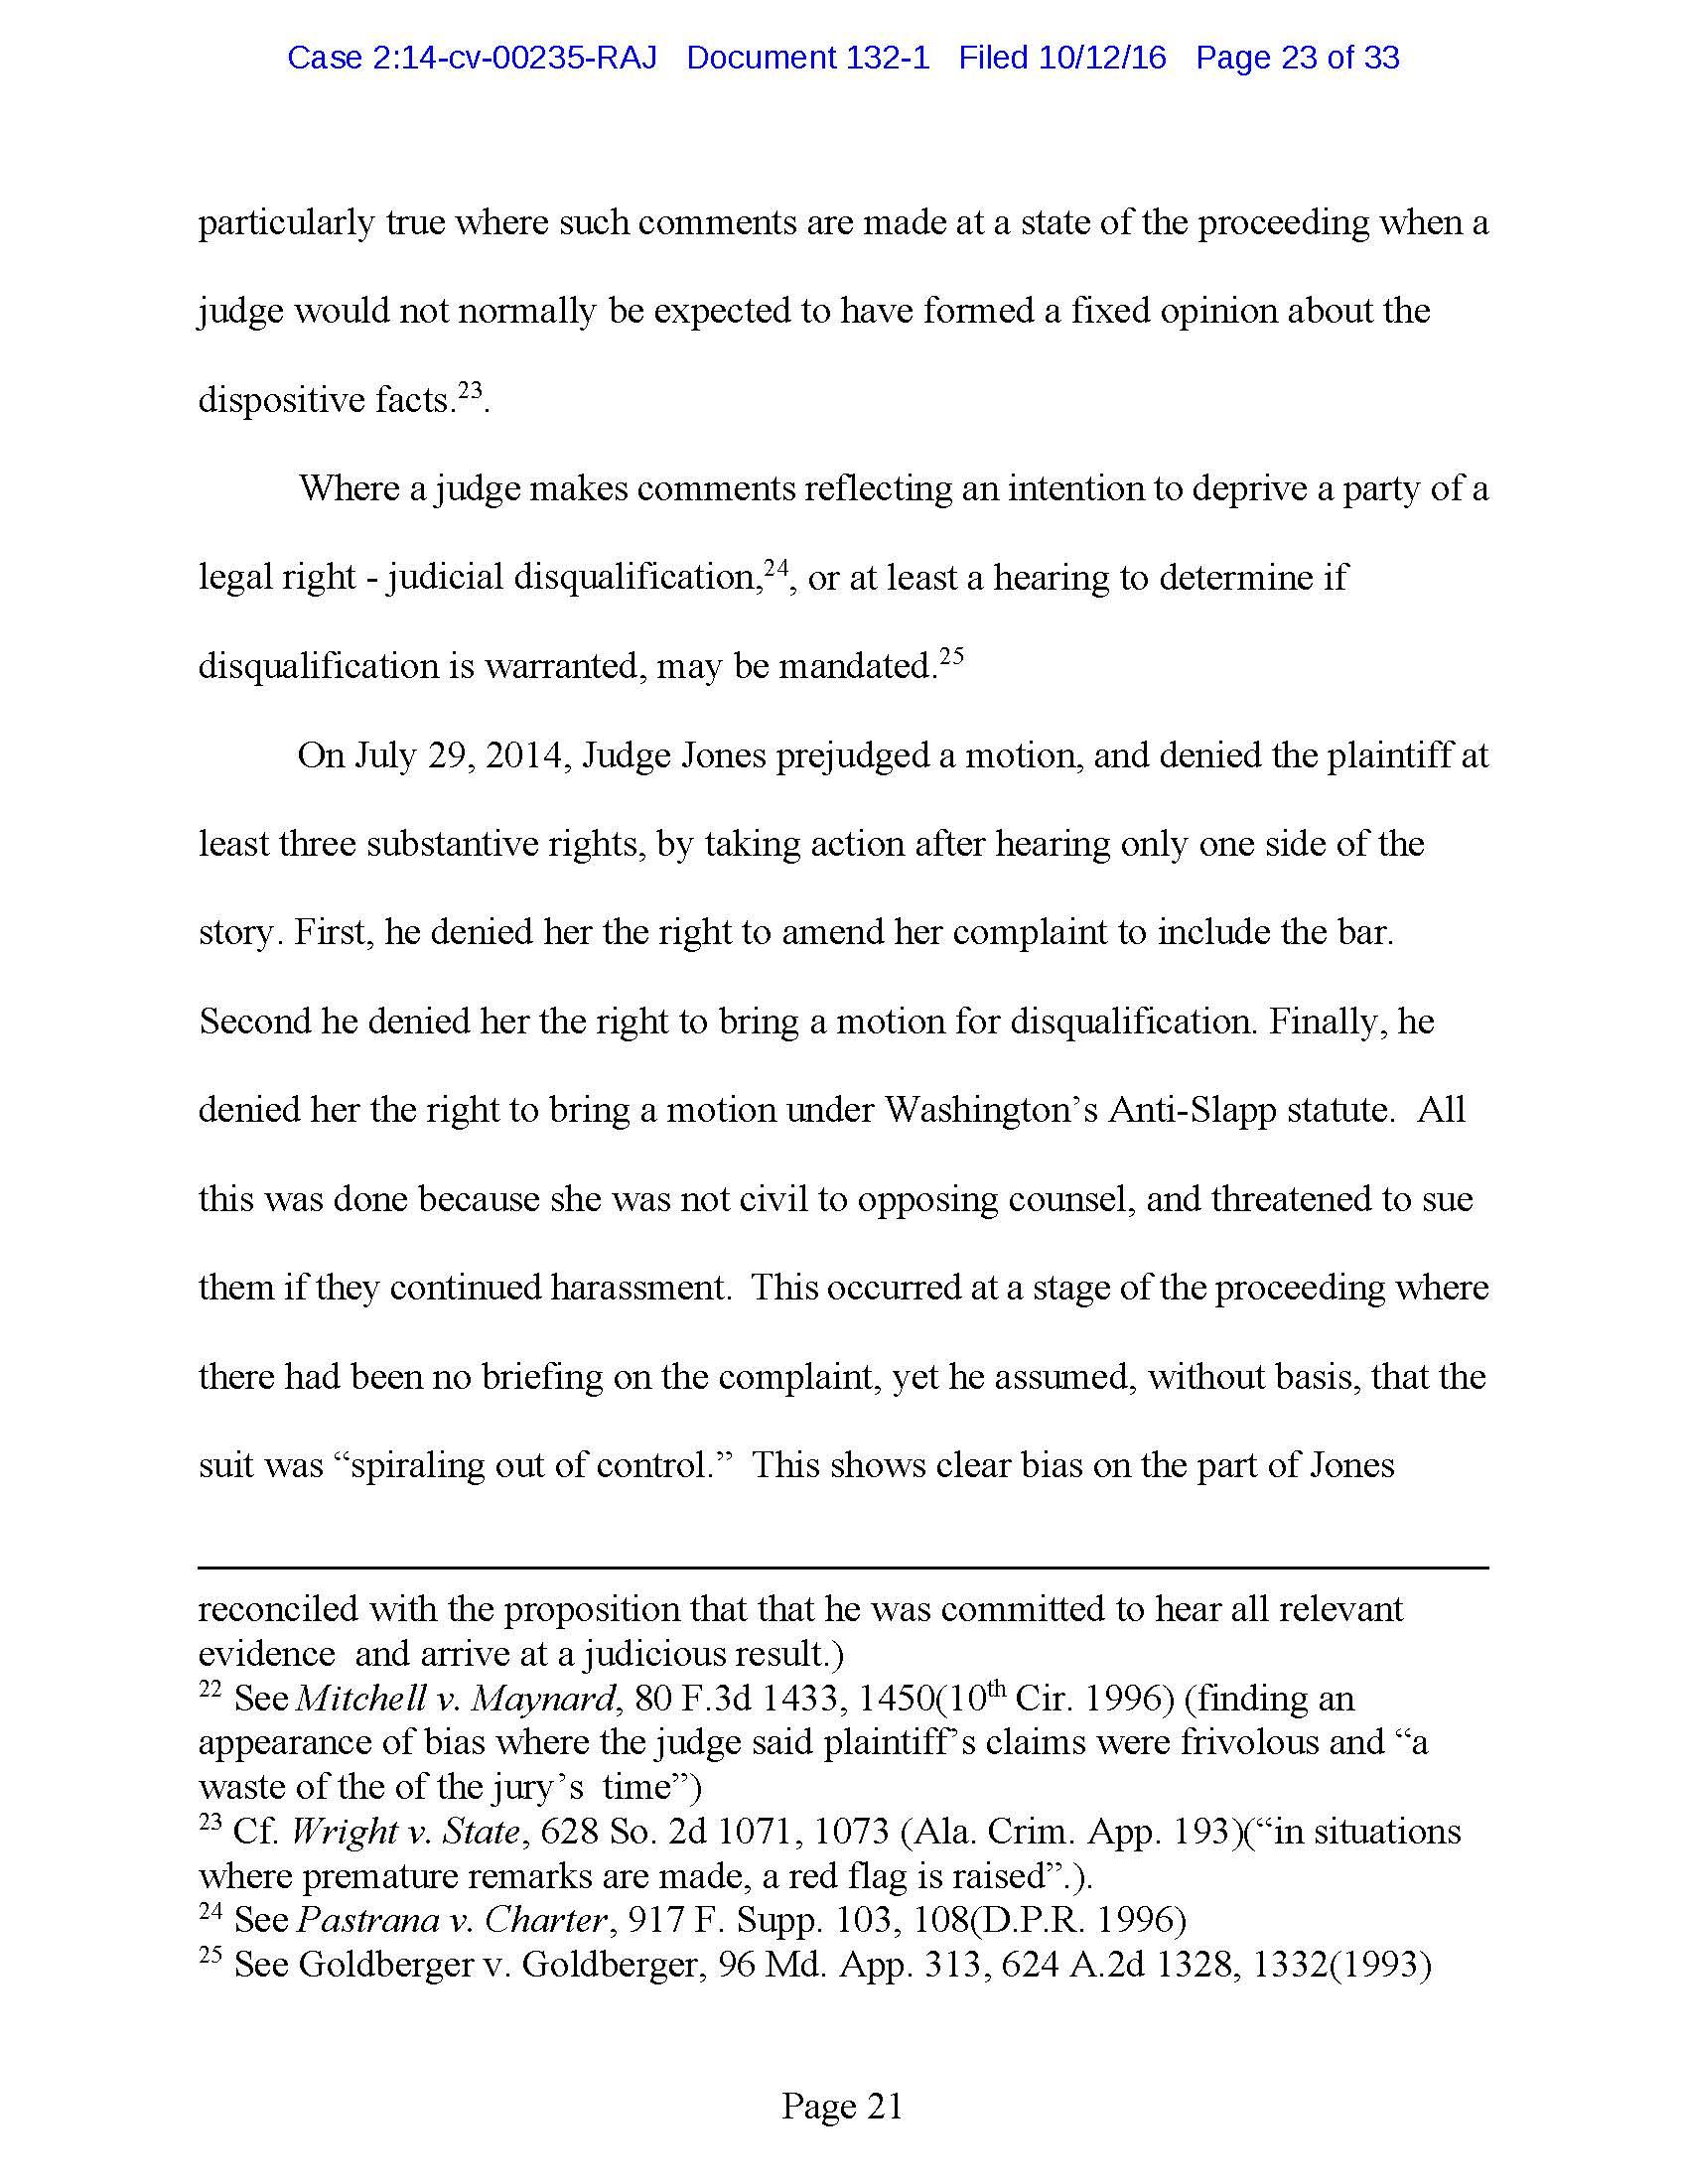 writ_page_23